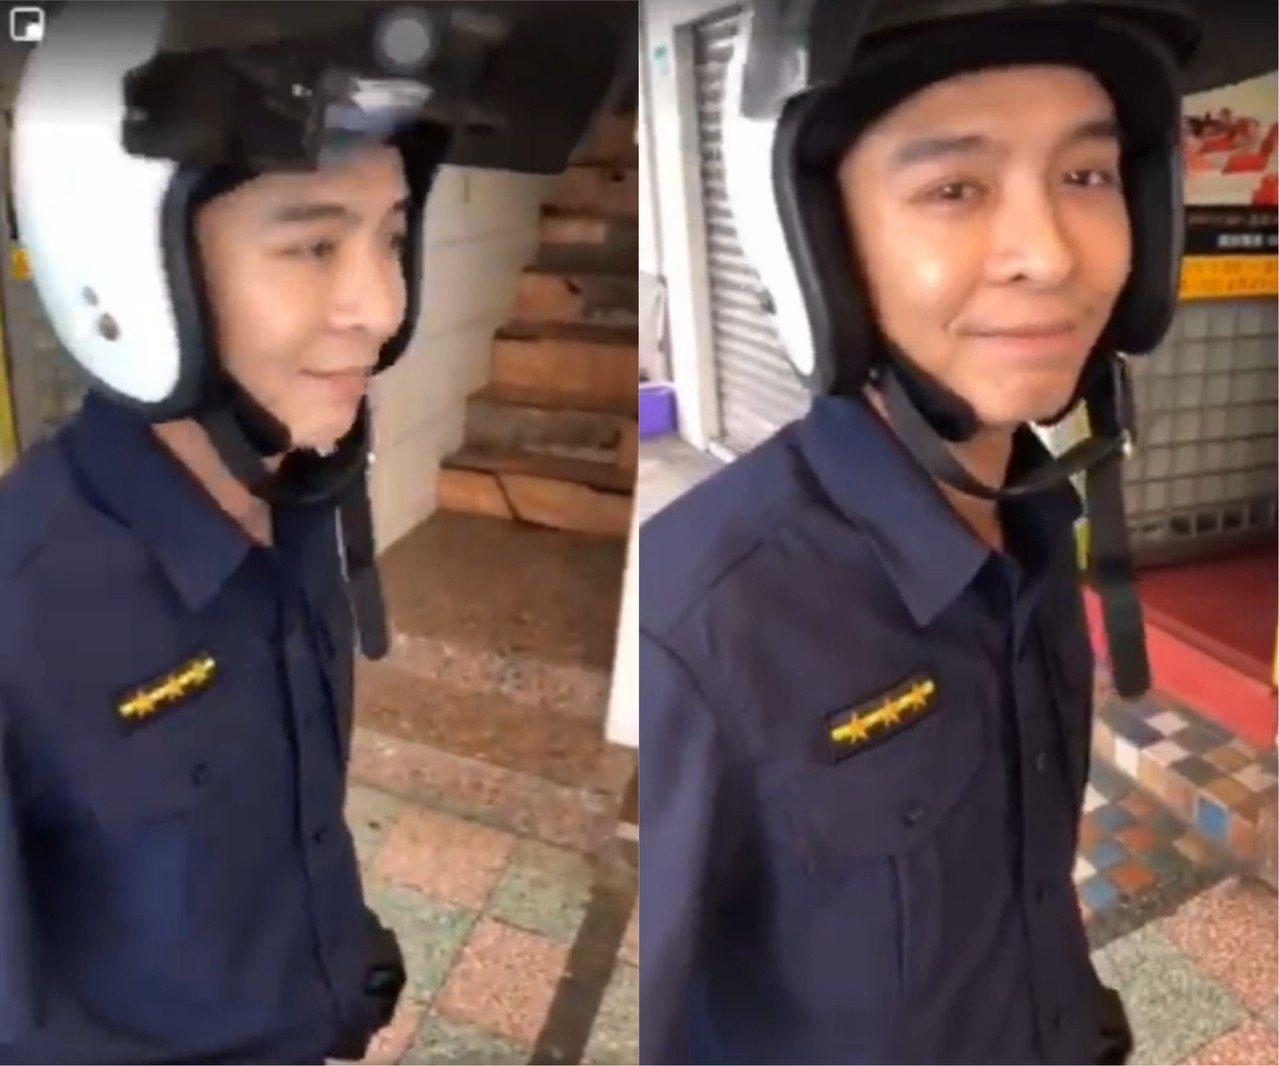 網友表示該名被拍攝的警察全程都十分冷靜,且脾氣超好,完全沒有露出不耐煩的語氣與神...